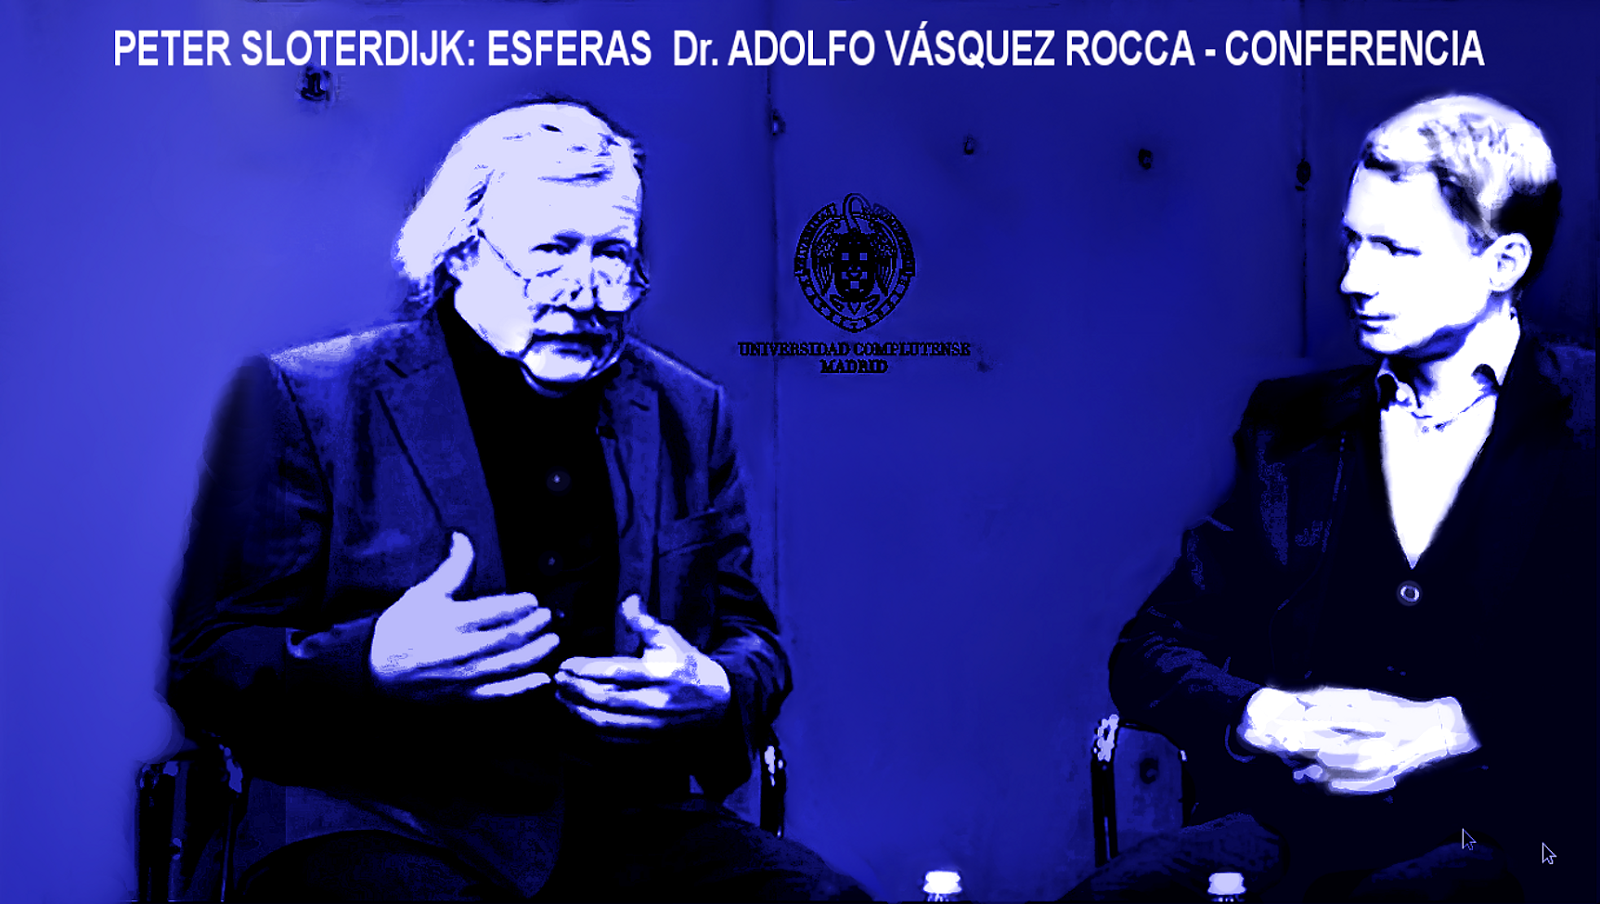 http://4.bp.blogspot.com/-2VLf63NQVVY/U7jAhAoVhpI/AAAAAAAAVgs/xzh-09eHGPg/s1600/CONFERENCE_+SLOterdijk+_Peter_+Dr.+Adolfo+Vasquez+Rocca_Blue+_+El+Parque+Humano+XL.png